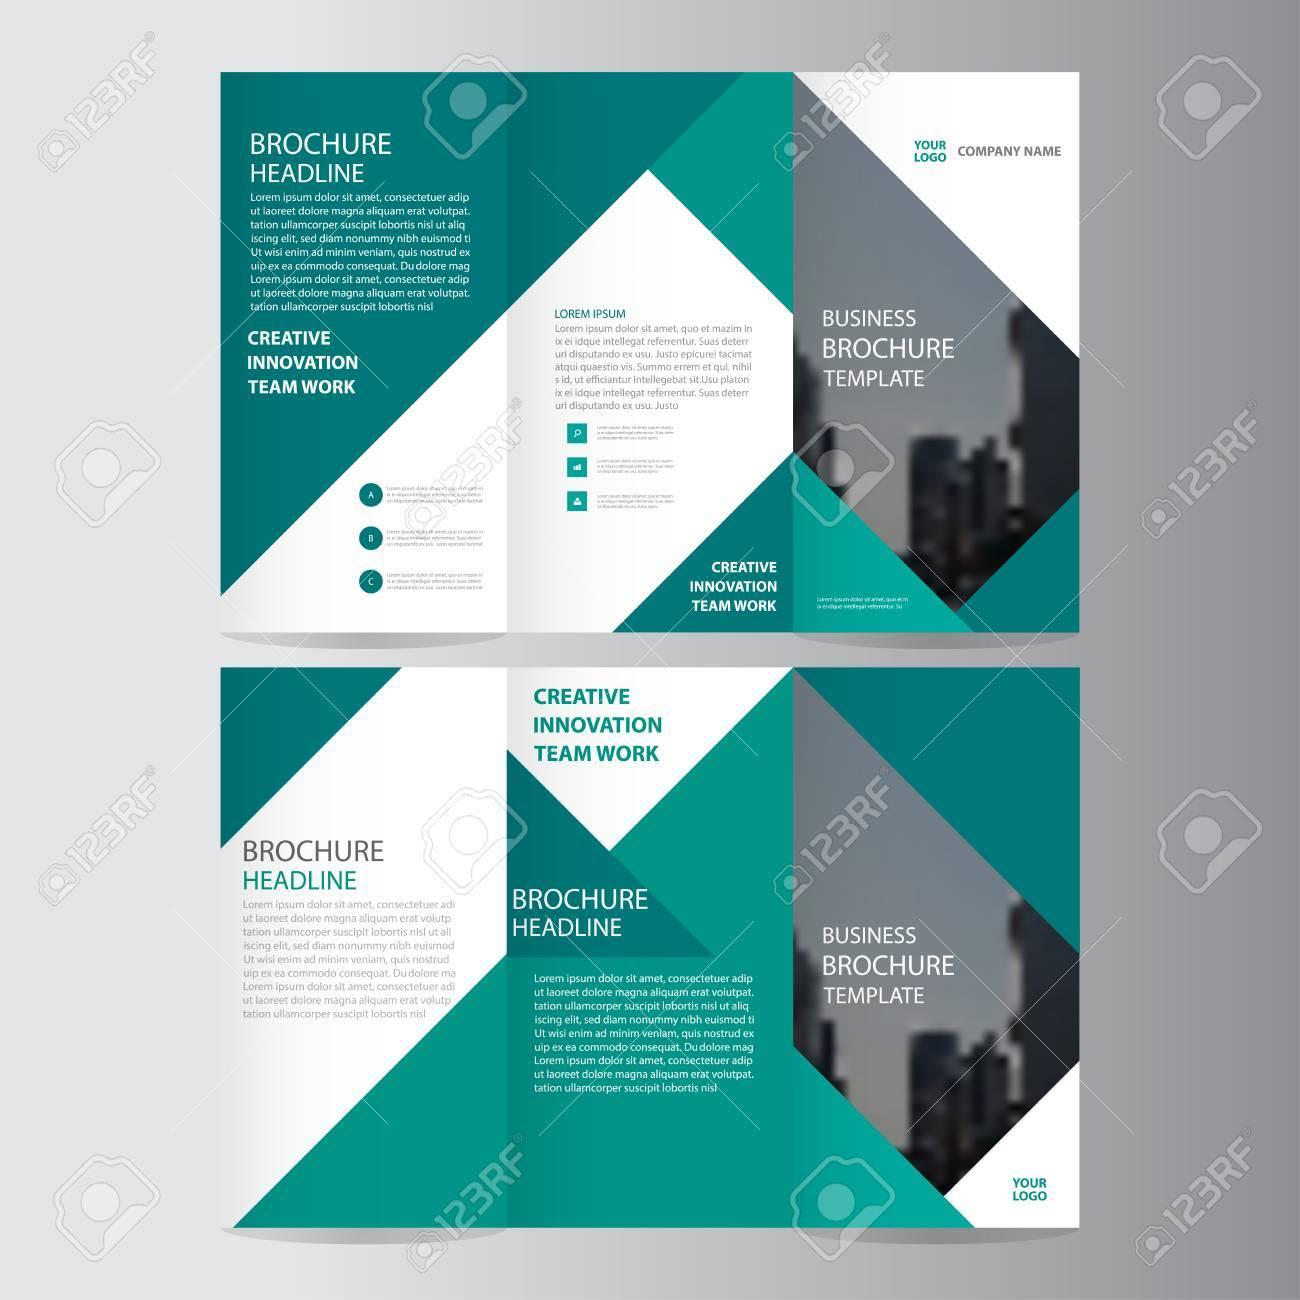 Green elegance business trifold business Leaflet Brochure template minimal flat design set - 56758310